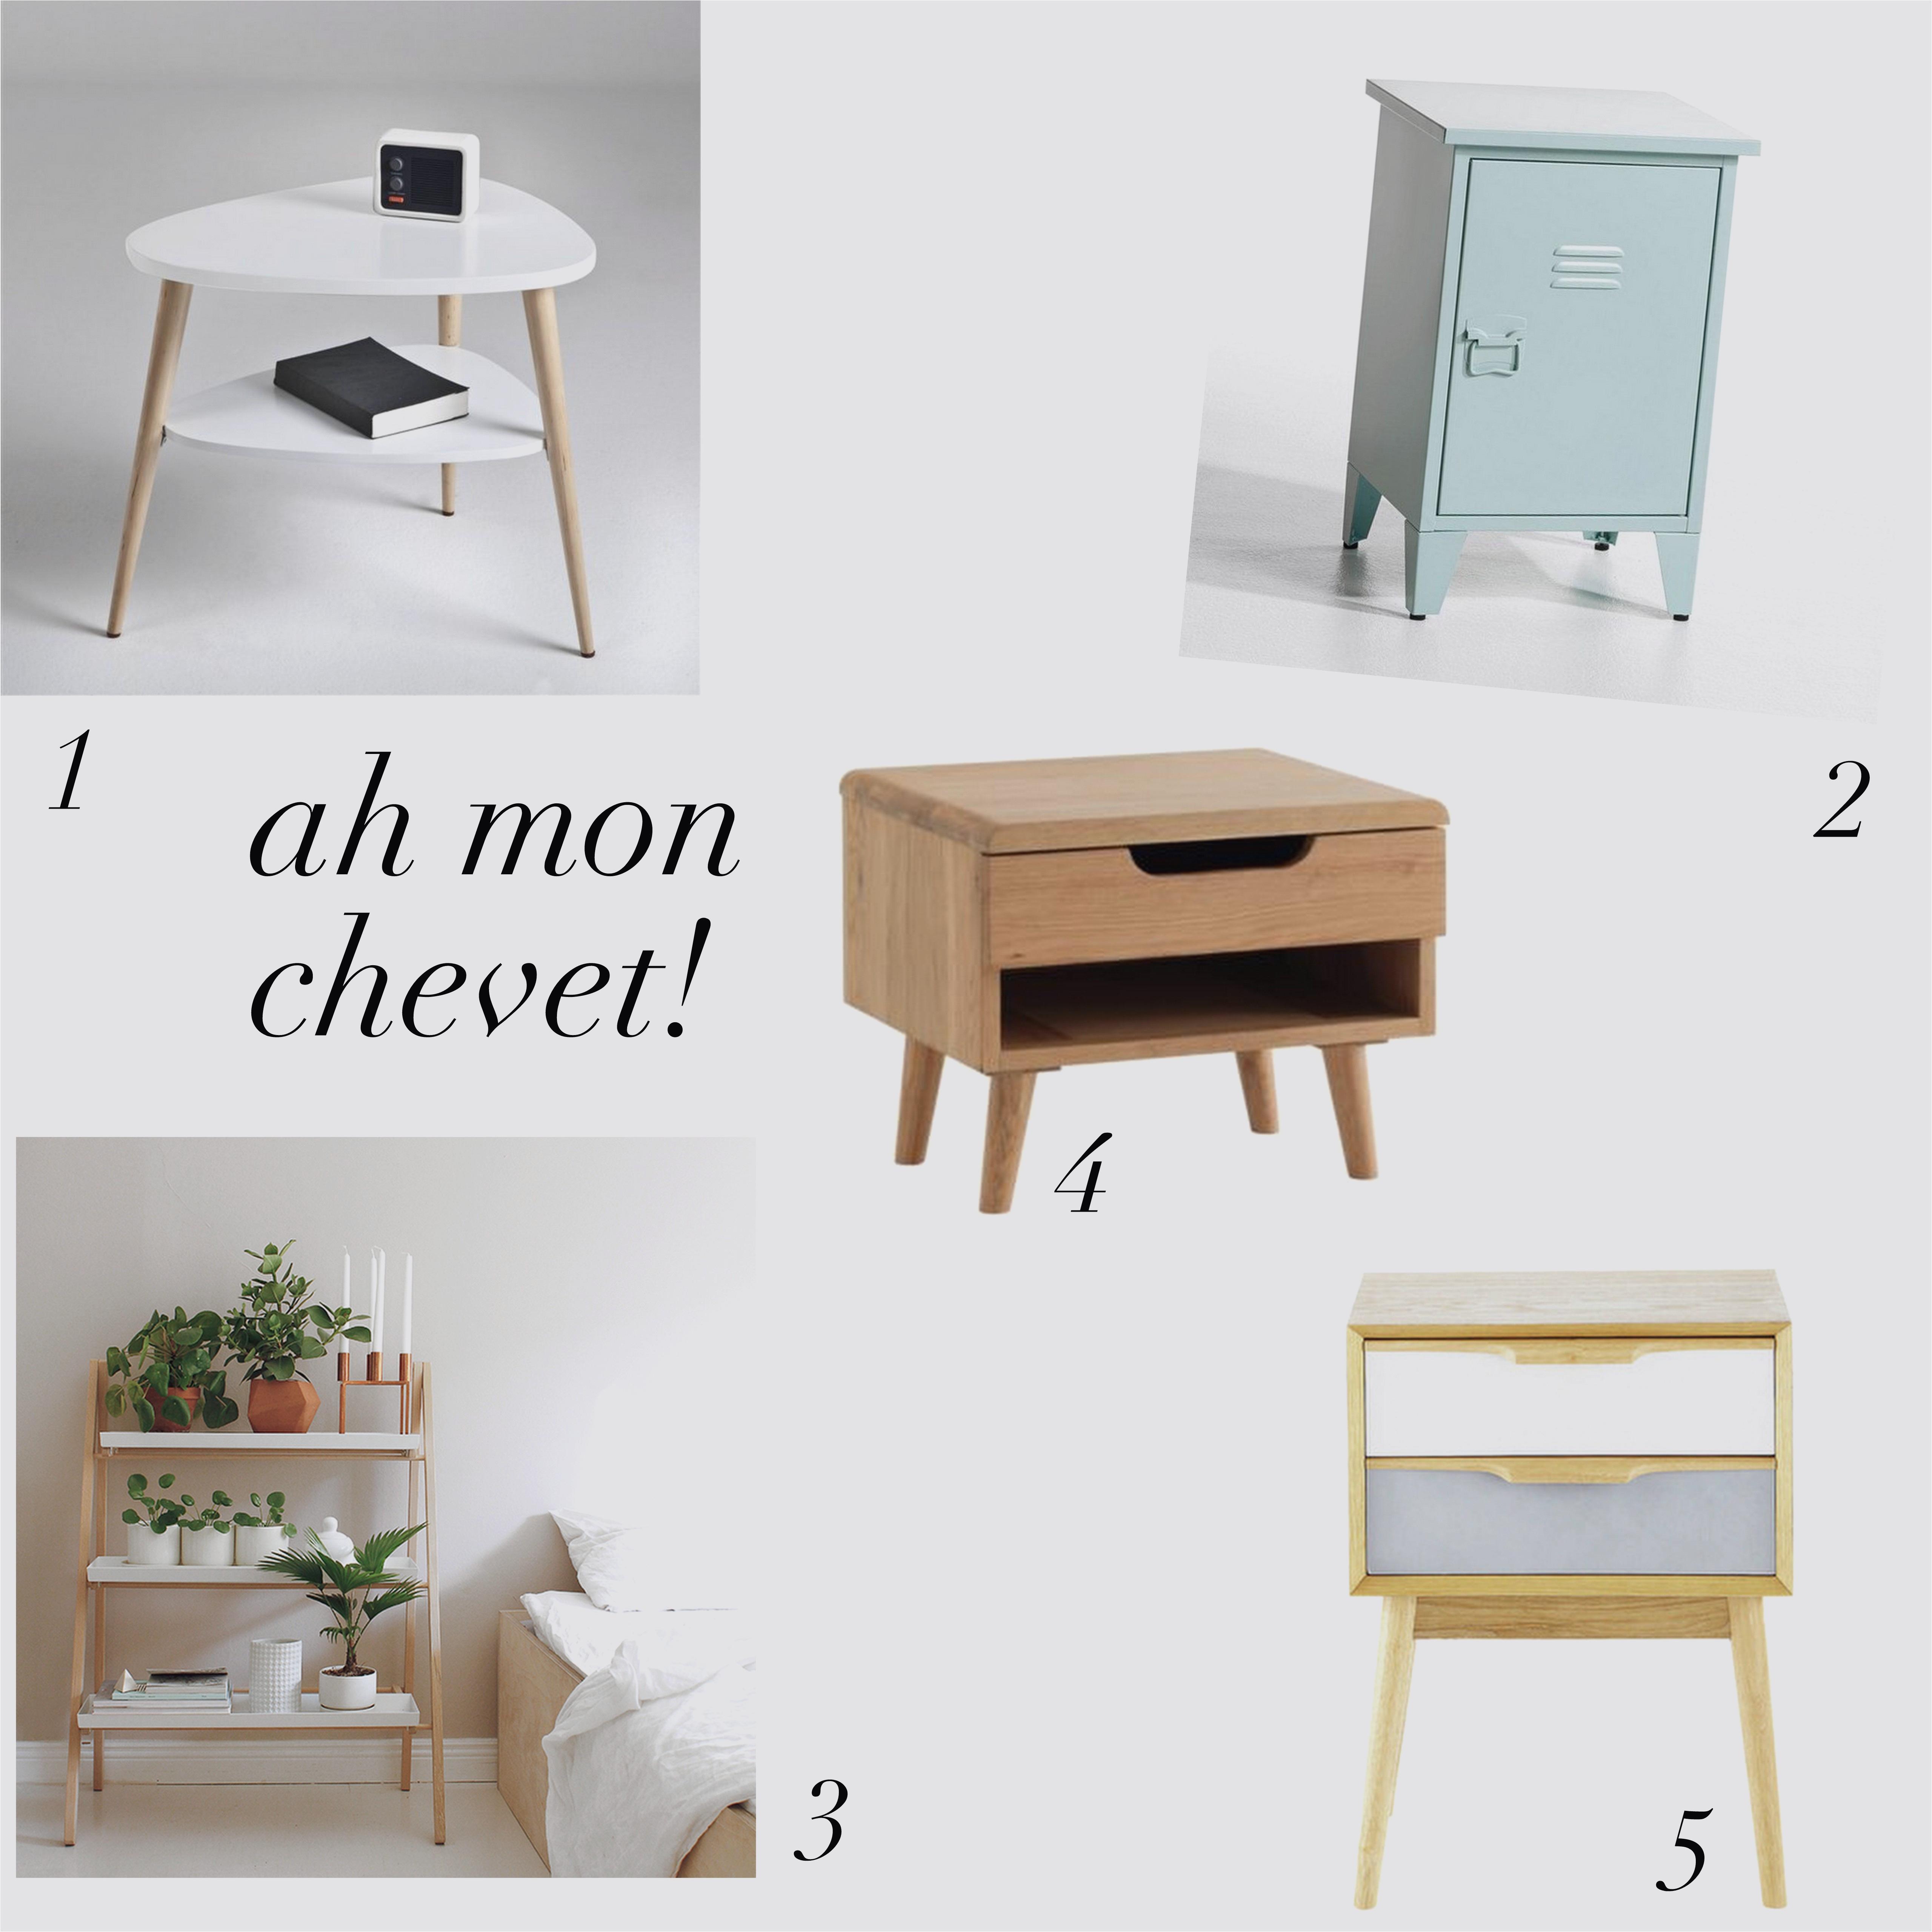 Petite Table Pliante Gifi Beau Photographie Impressionné Gifi Table De Chevet